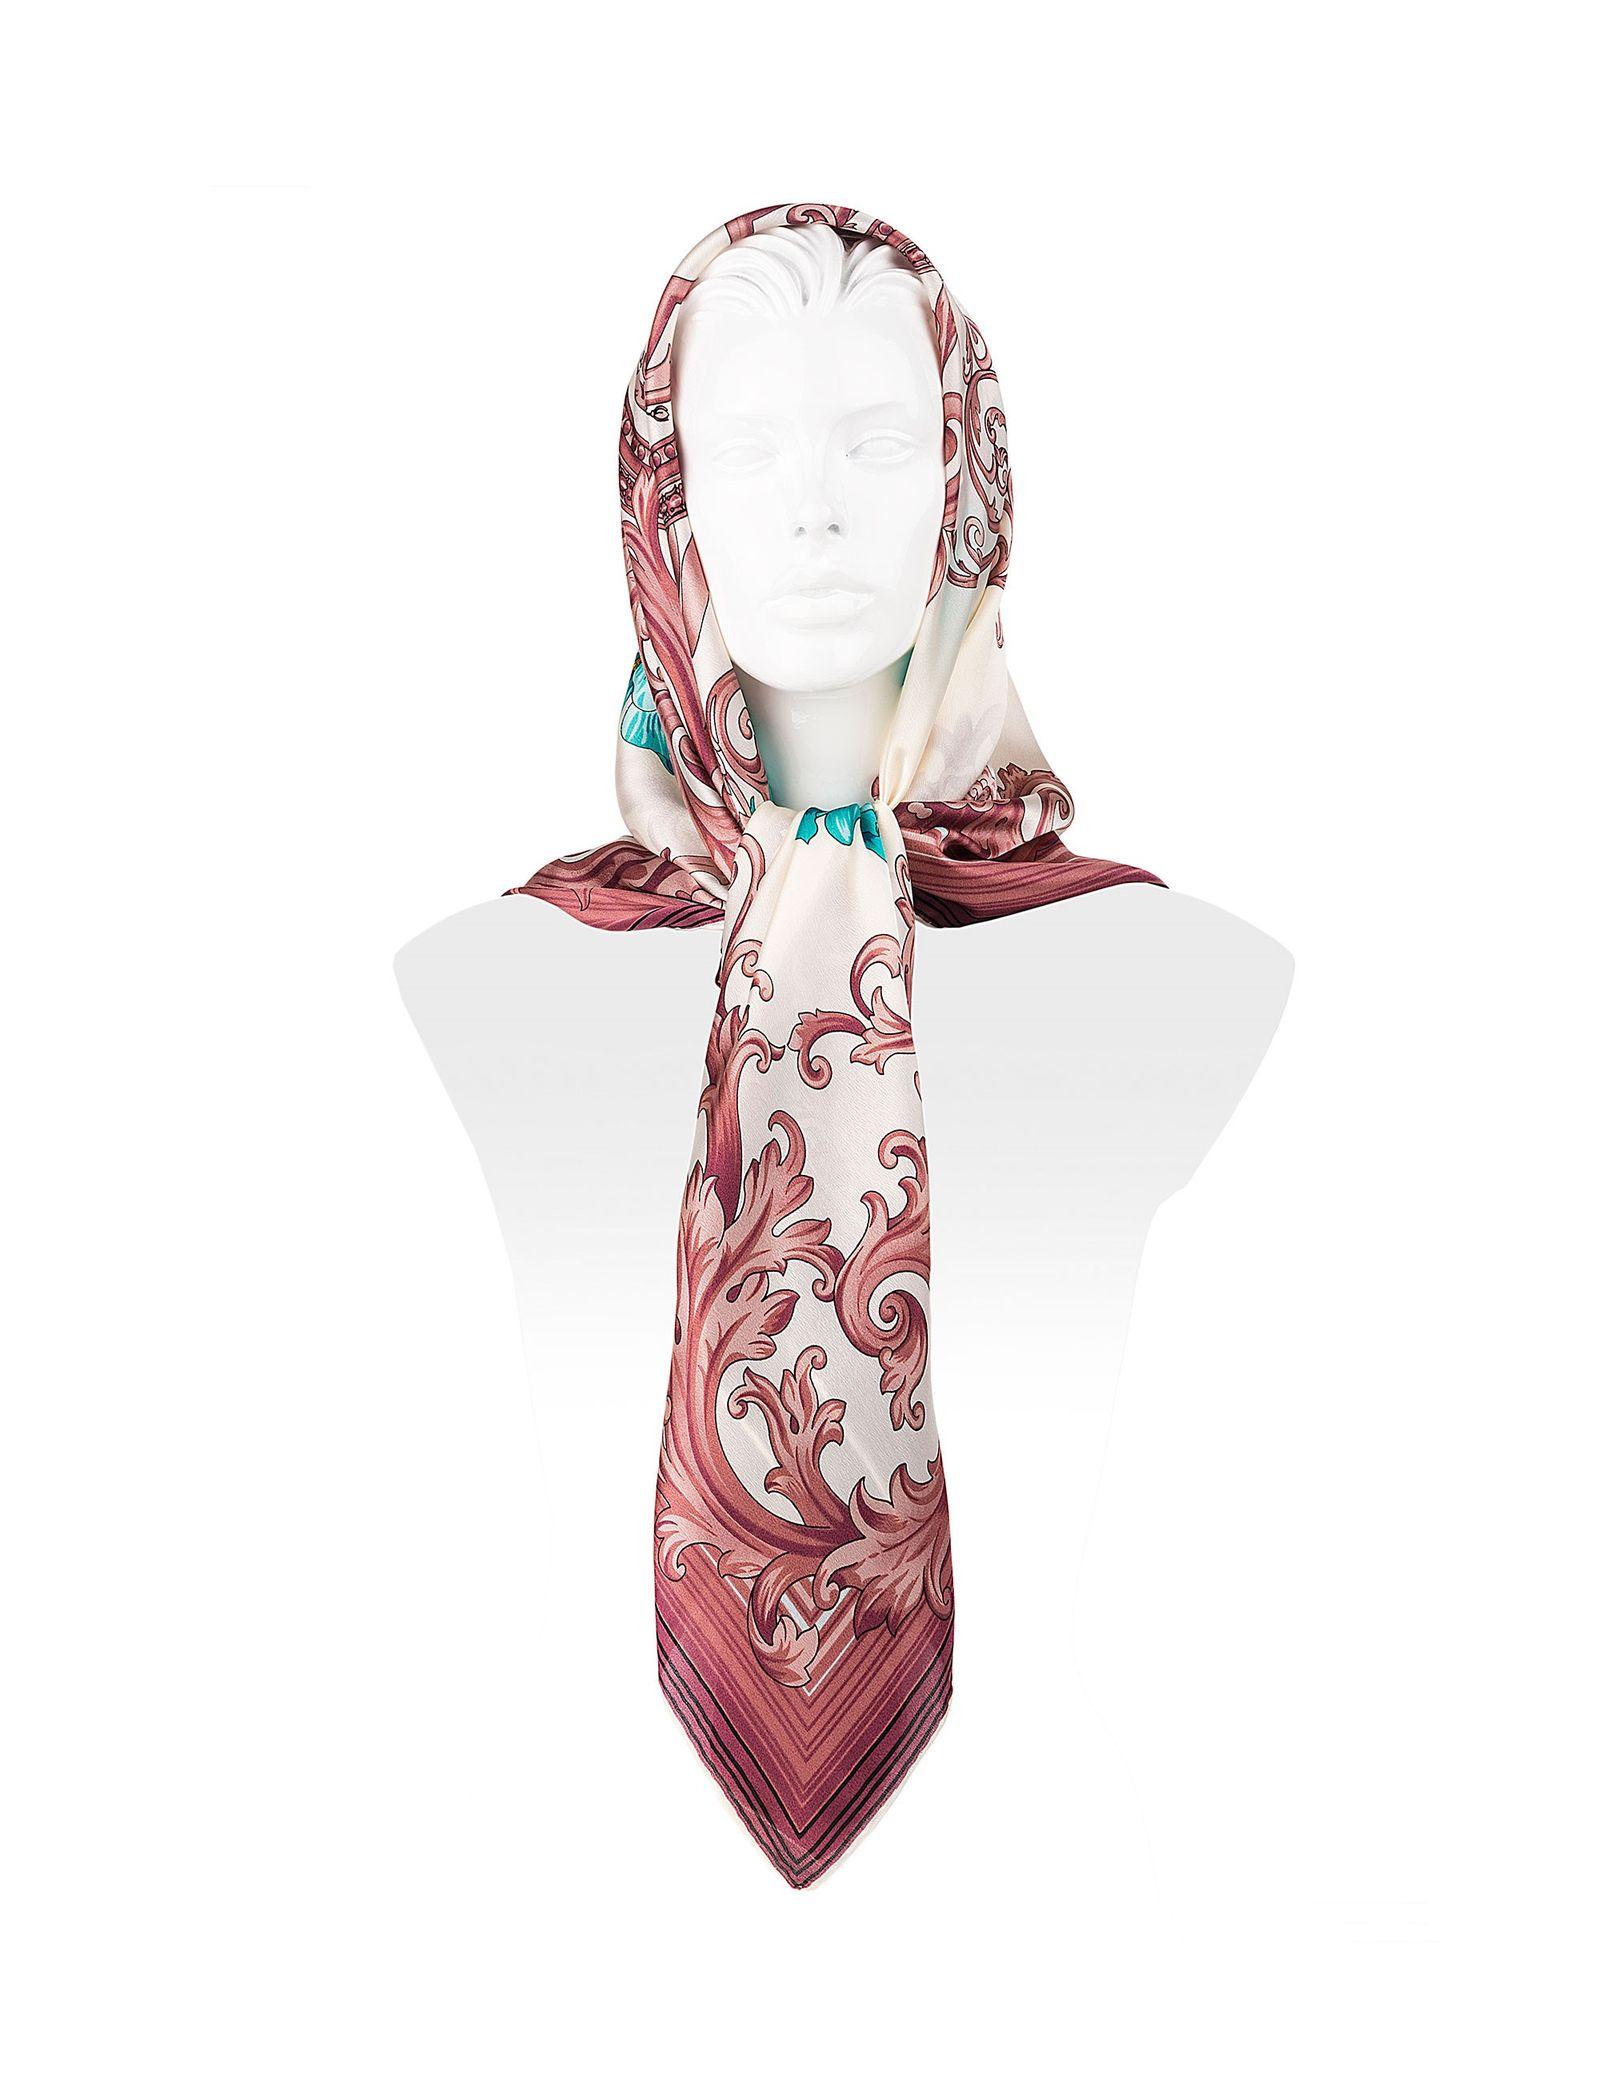 روسری ابریشمی زنانه - رزتی - سفيد و صورتي - 5